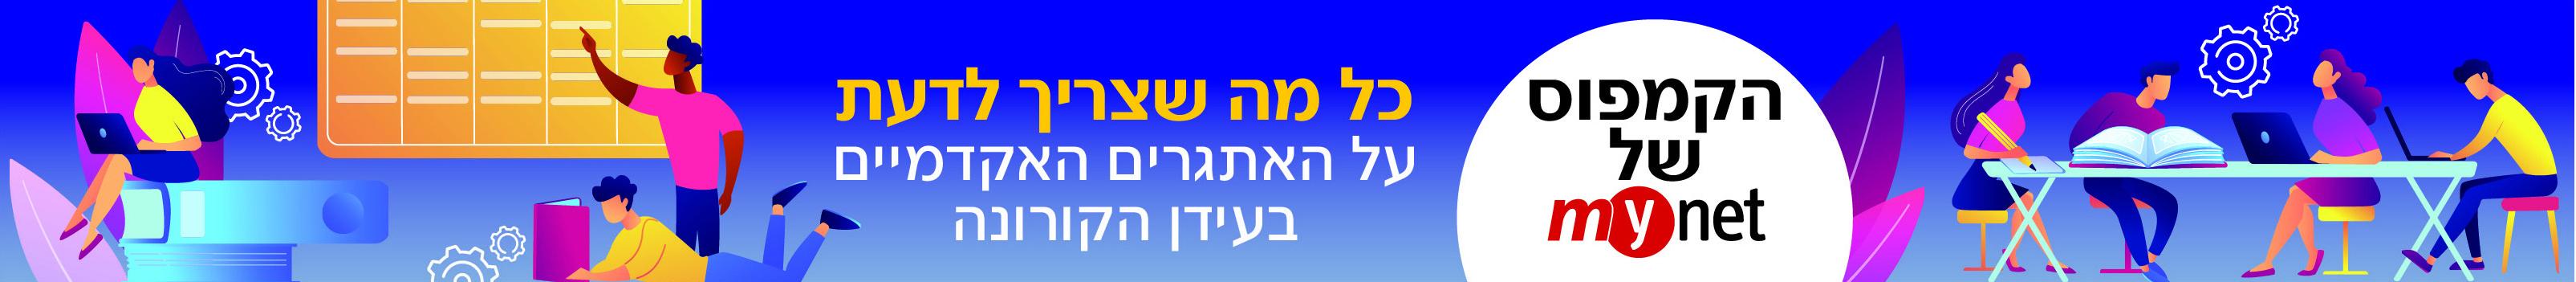 לוגו הקמפוס של מיינט